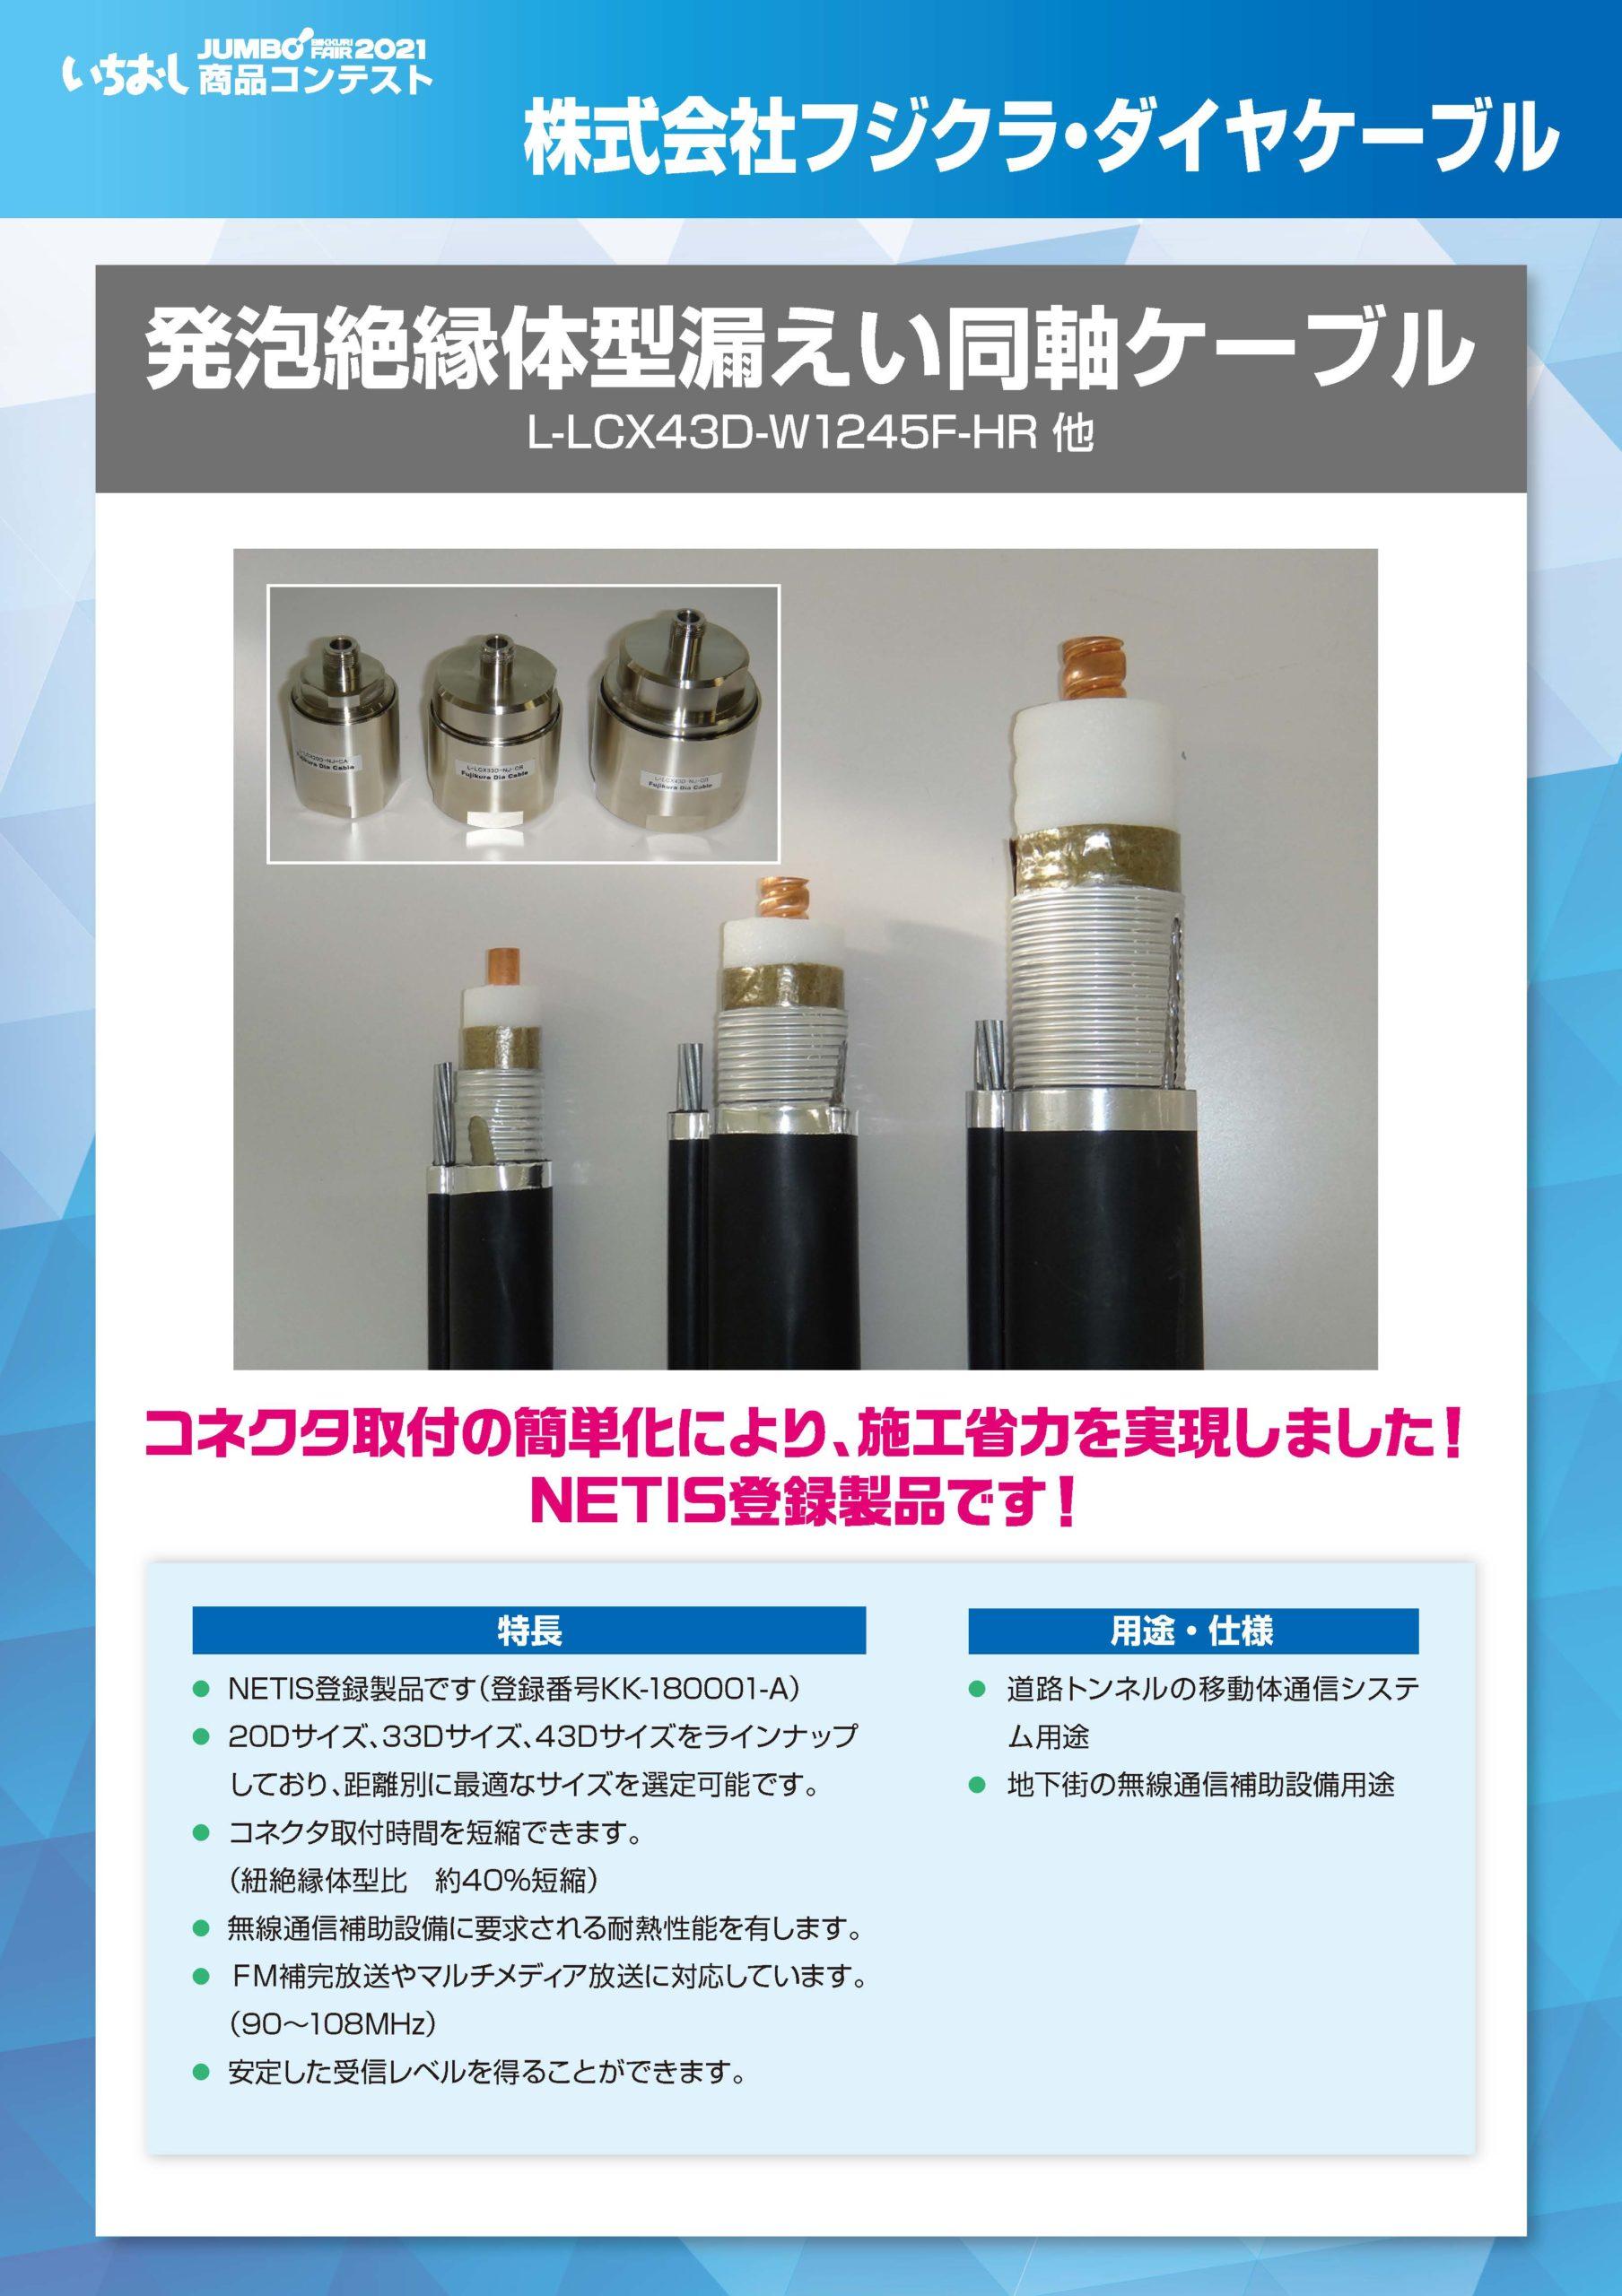 「発泡絶縁体型漏えい同軸ケーブル」株式会社フジクラ・ダイヤケーブルの画像